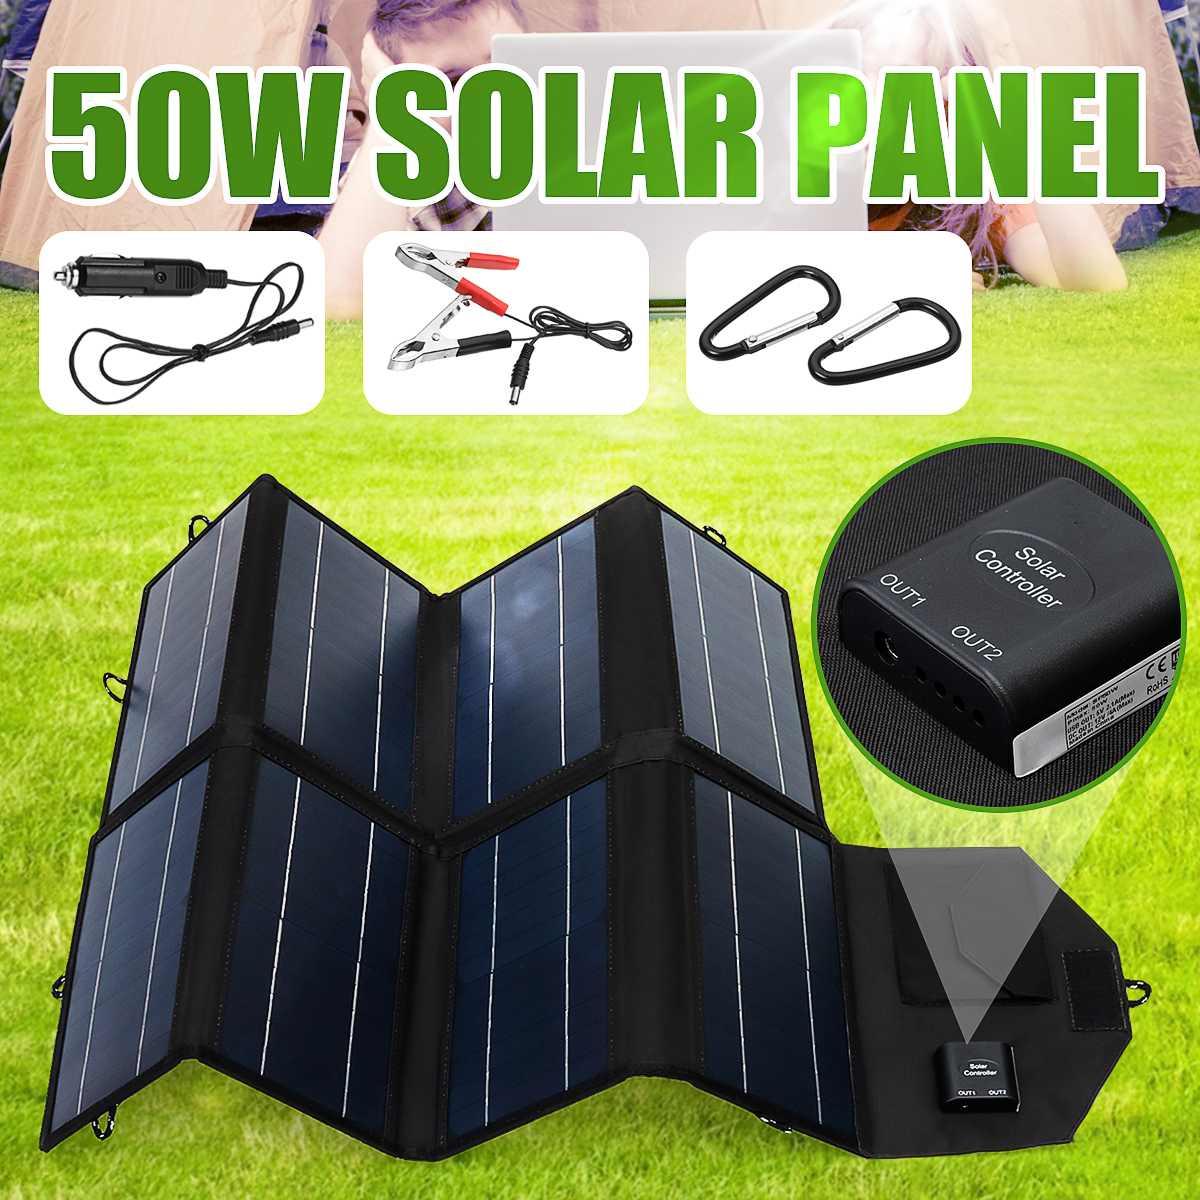 Panel Solar plegable de 50W y 12V, cargador portátil impermeable, Banco de energía móvil para batería de teléfono, puerto USB Dual para actividades al aire libre